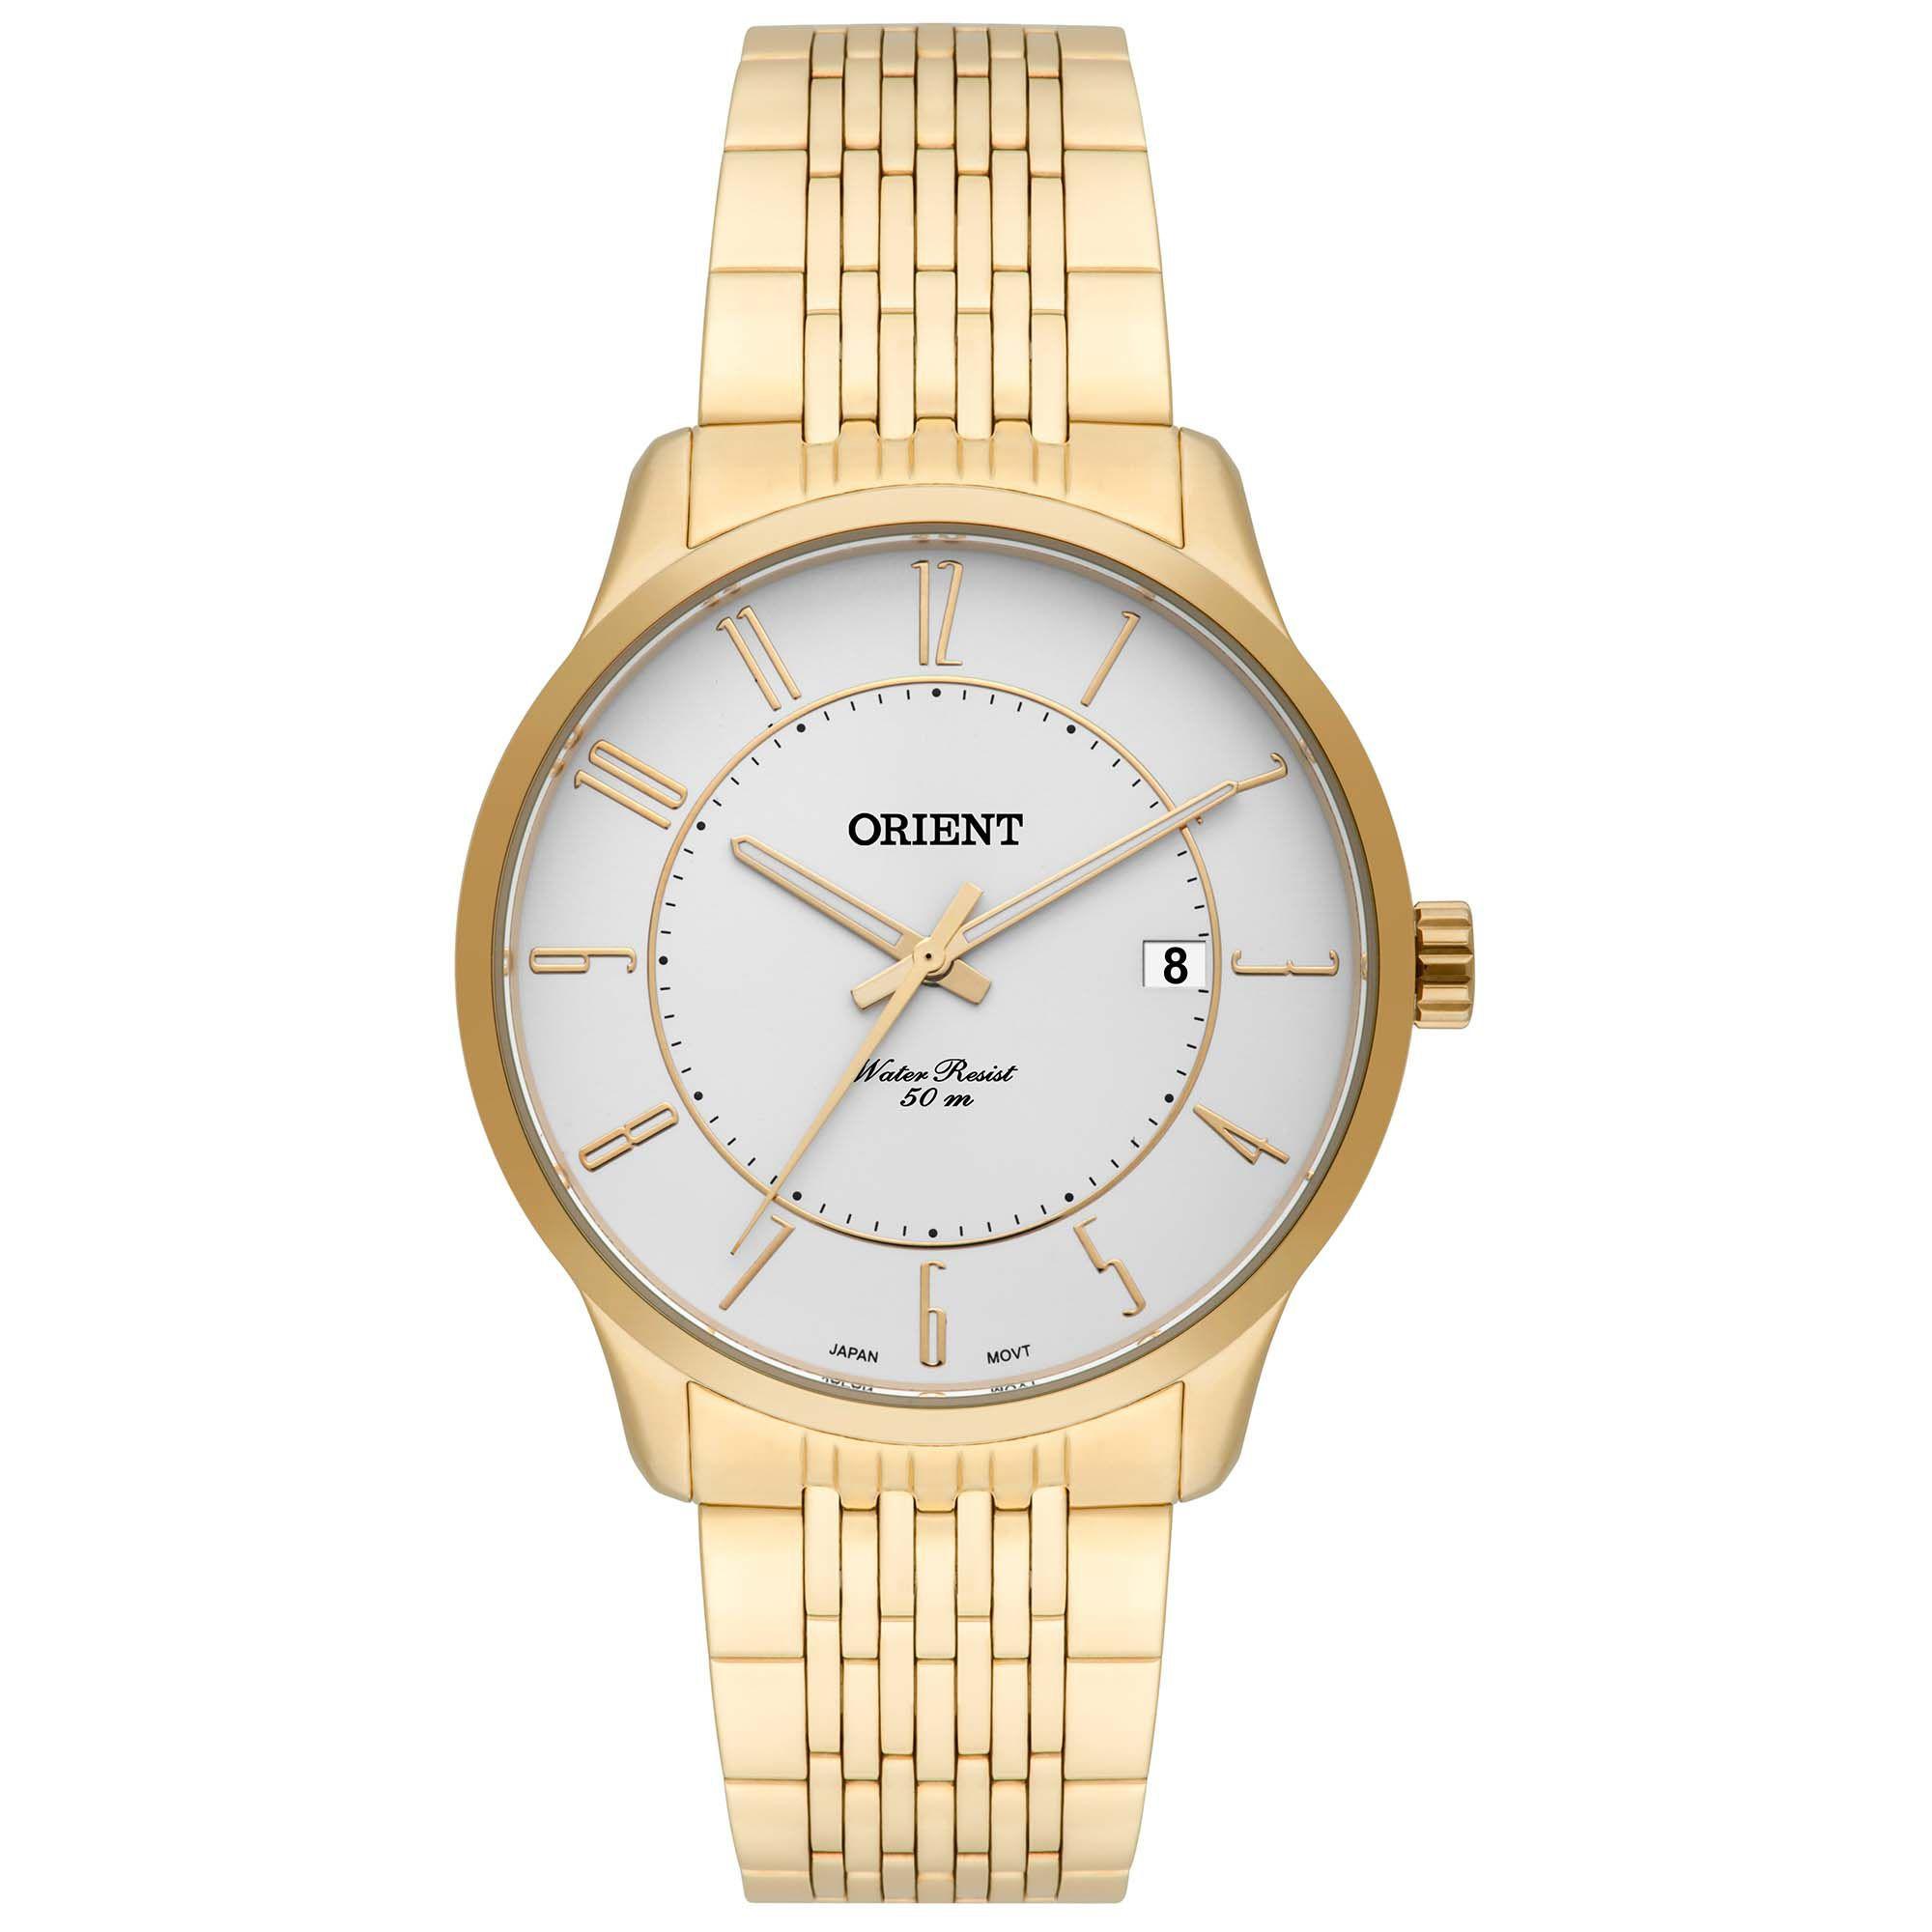 Relógio Masculino Orient MGSS1109 S2KX